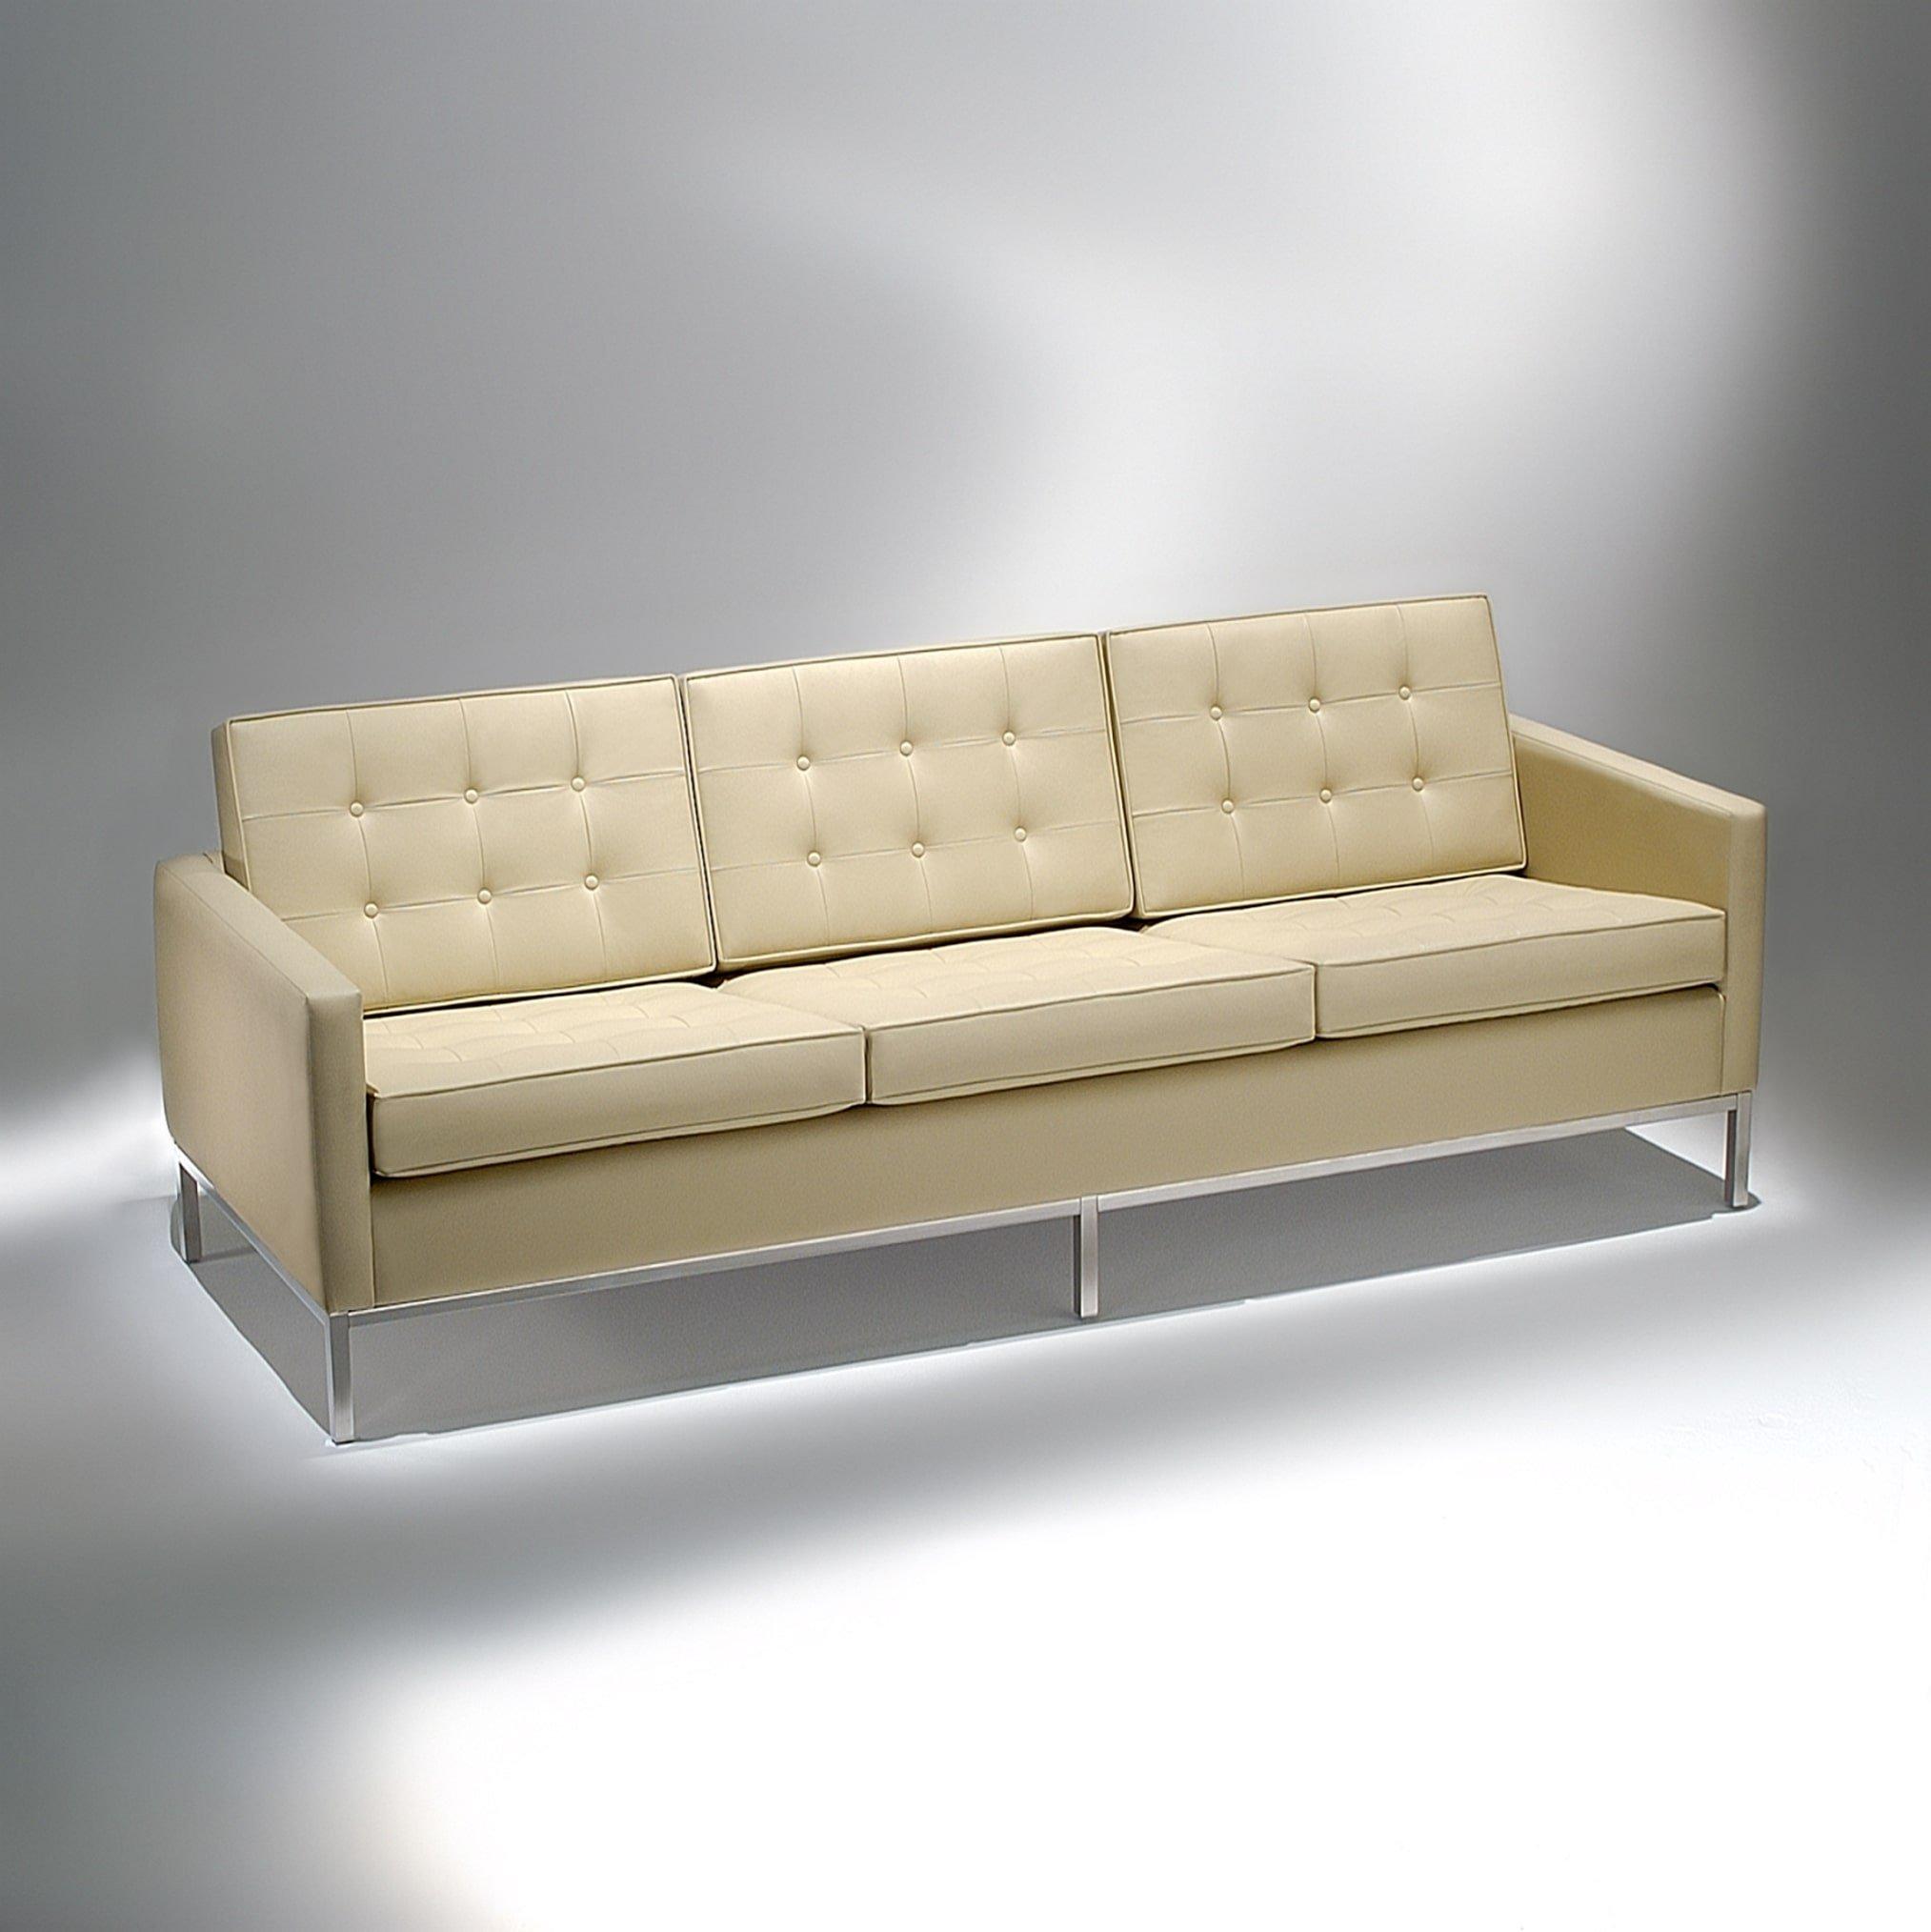 Sofá FK1 Estrutura Aço Inox Studio Mais Design by Florence Knoll